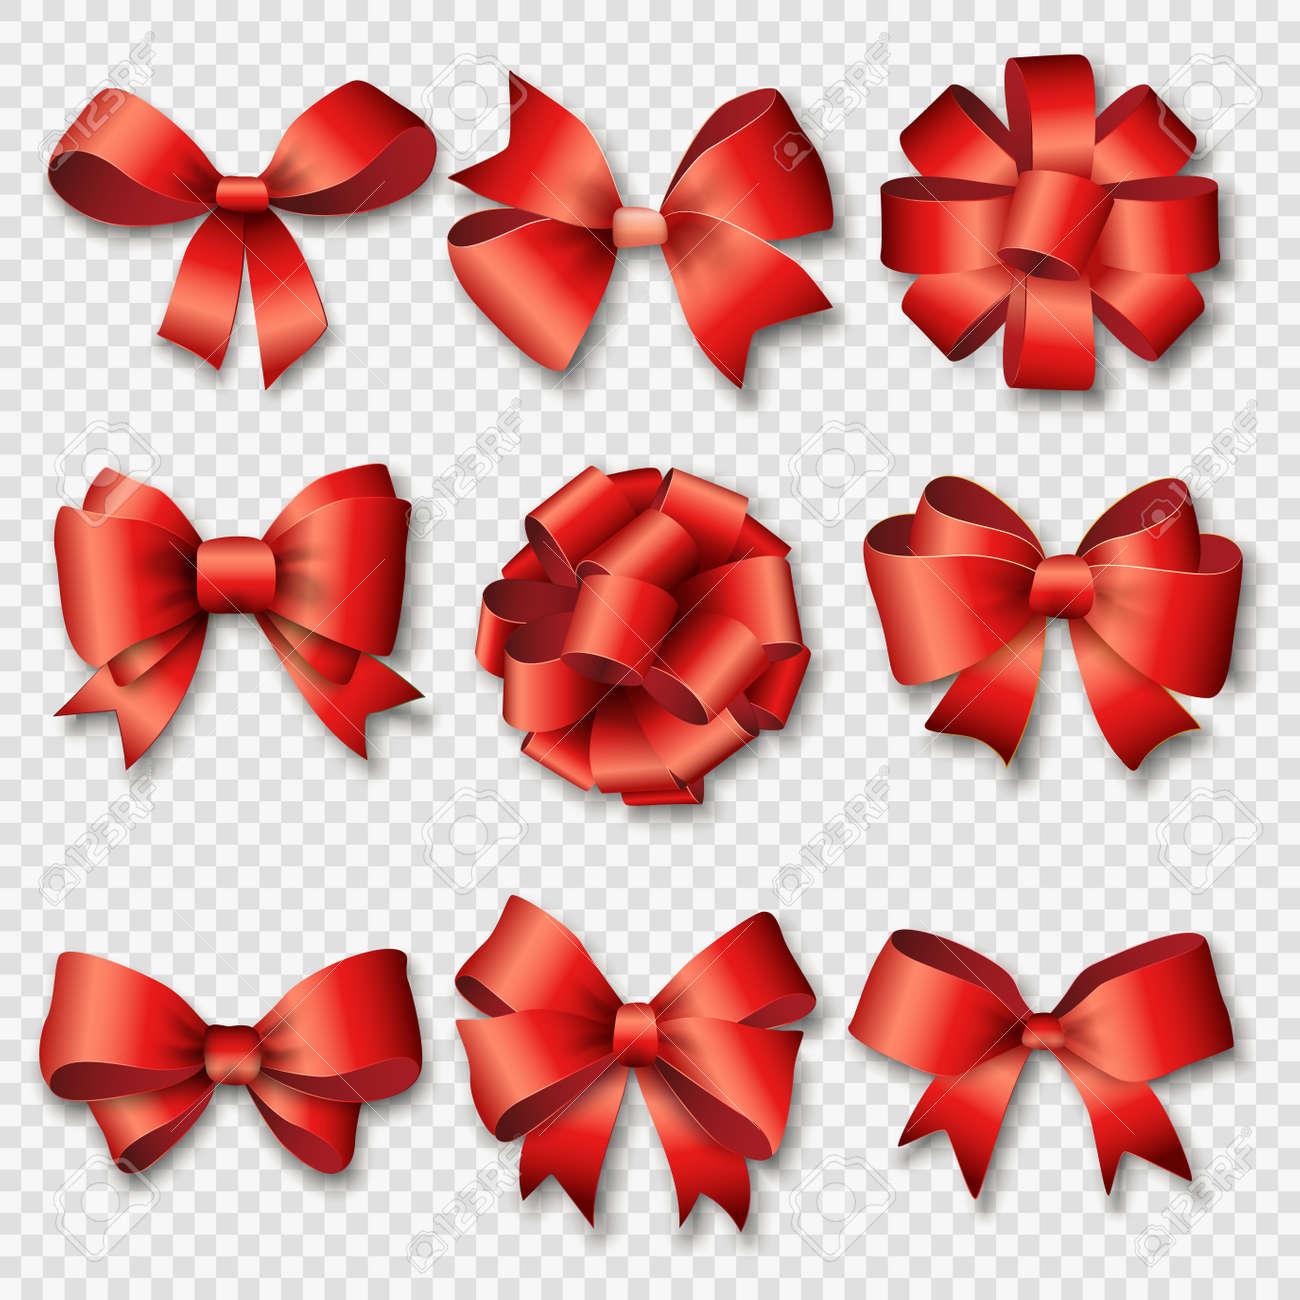 Farbbänder Für Weihnachtsgeschenke Gesetzt. Red Geschenk Bögen Mit ...